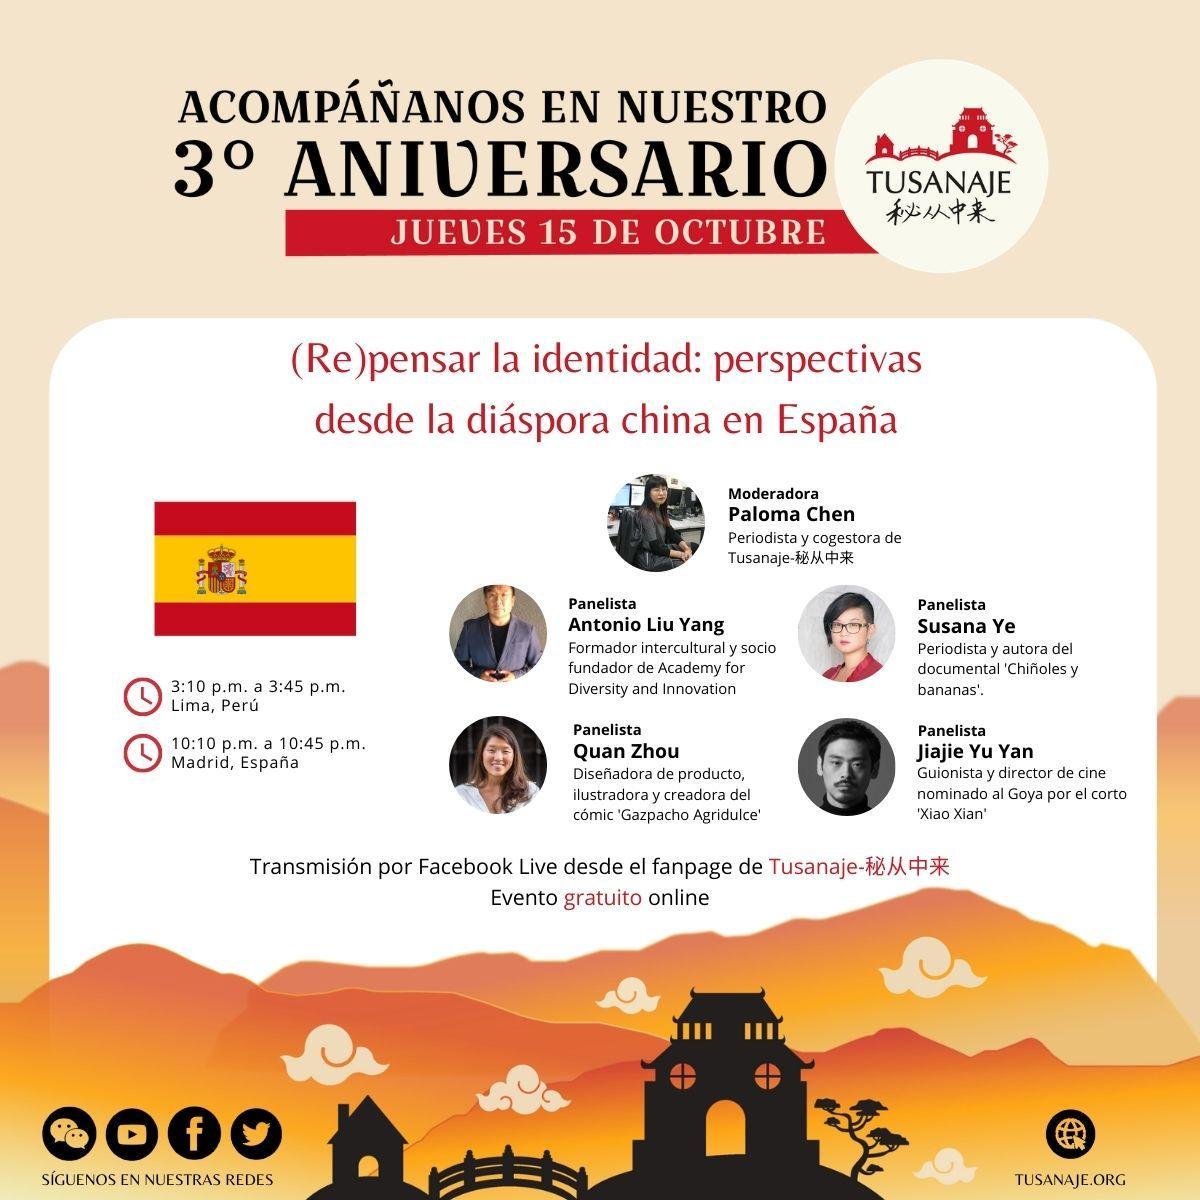 3° Aniversario de Tusanaje (Re) pensar la identidad: perspectivas desde la diáspora china en España